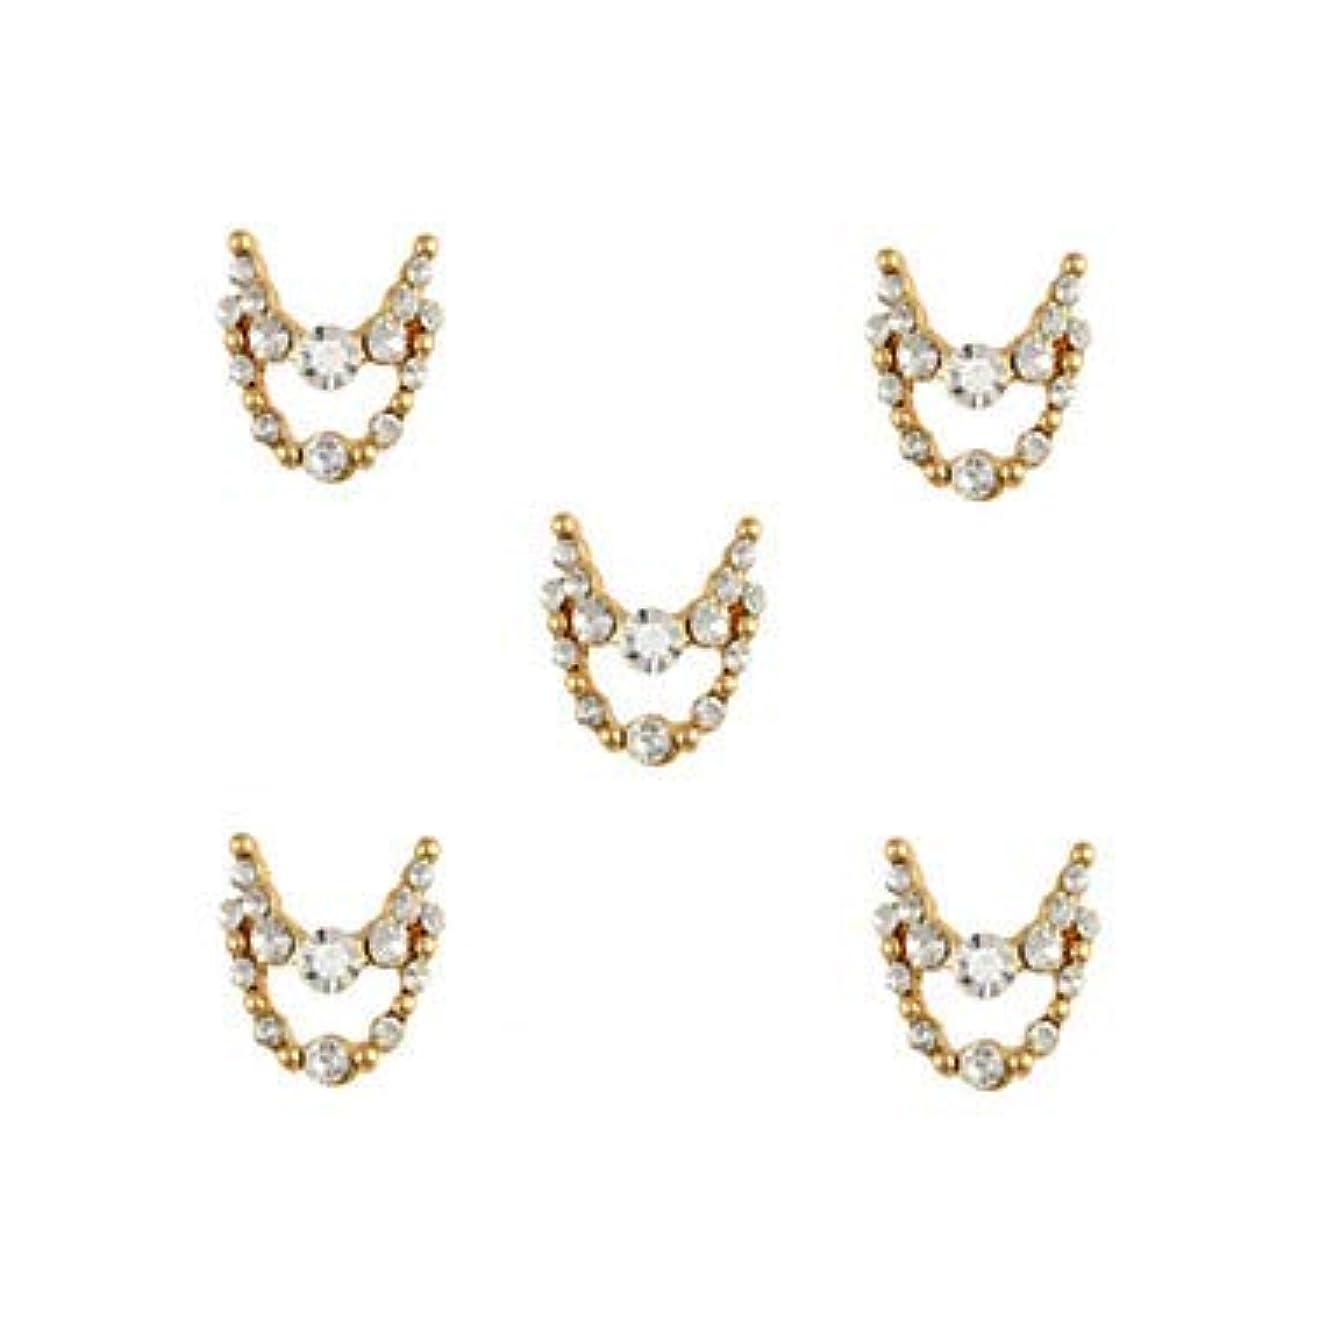 否認する段落記念品明確なラインストーン3dチャーム合金ネイルアートの装飾が付いている10個入りゴールドネックレスブラブラ